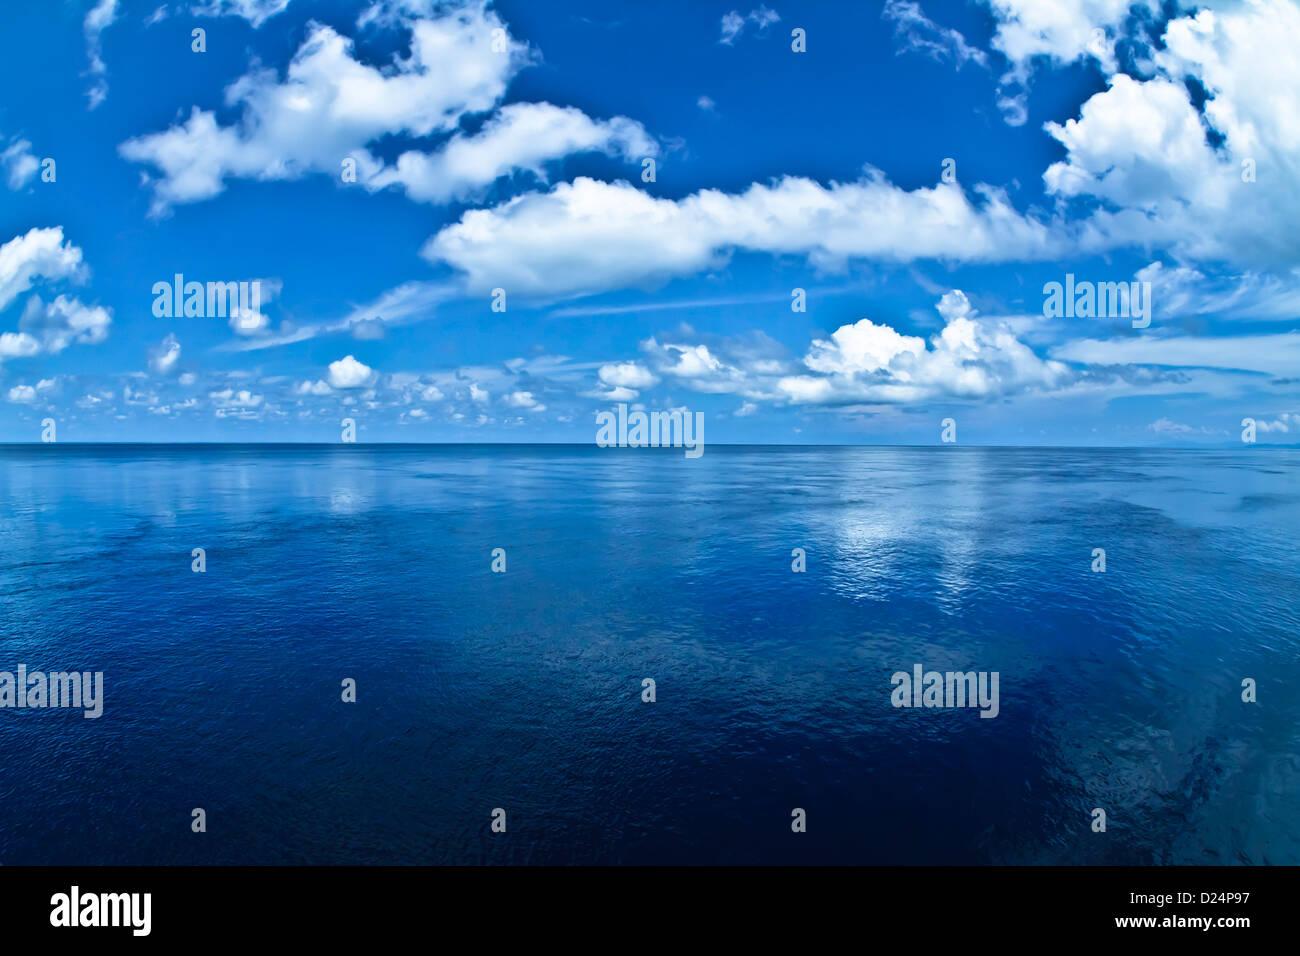 Infinito azul marino con horizonte del océano y las nubes blancas Foto de stock